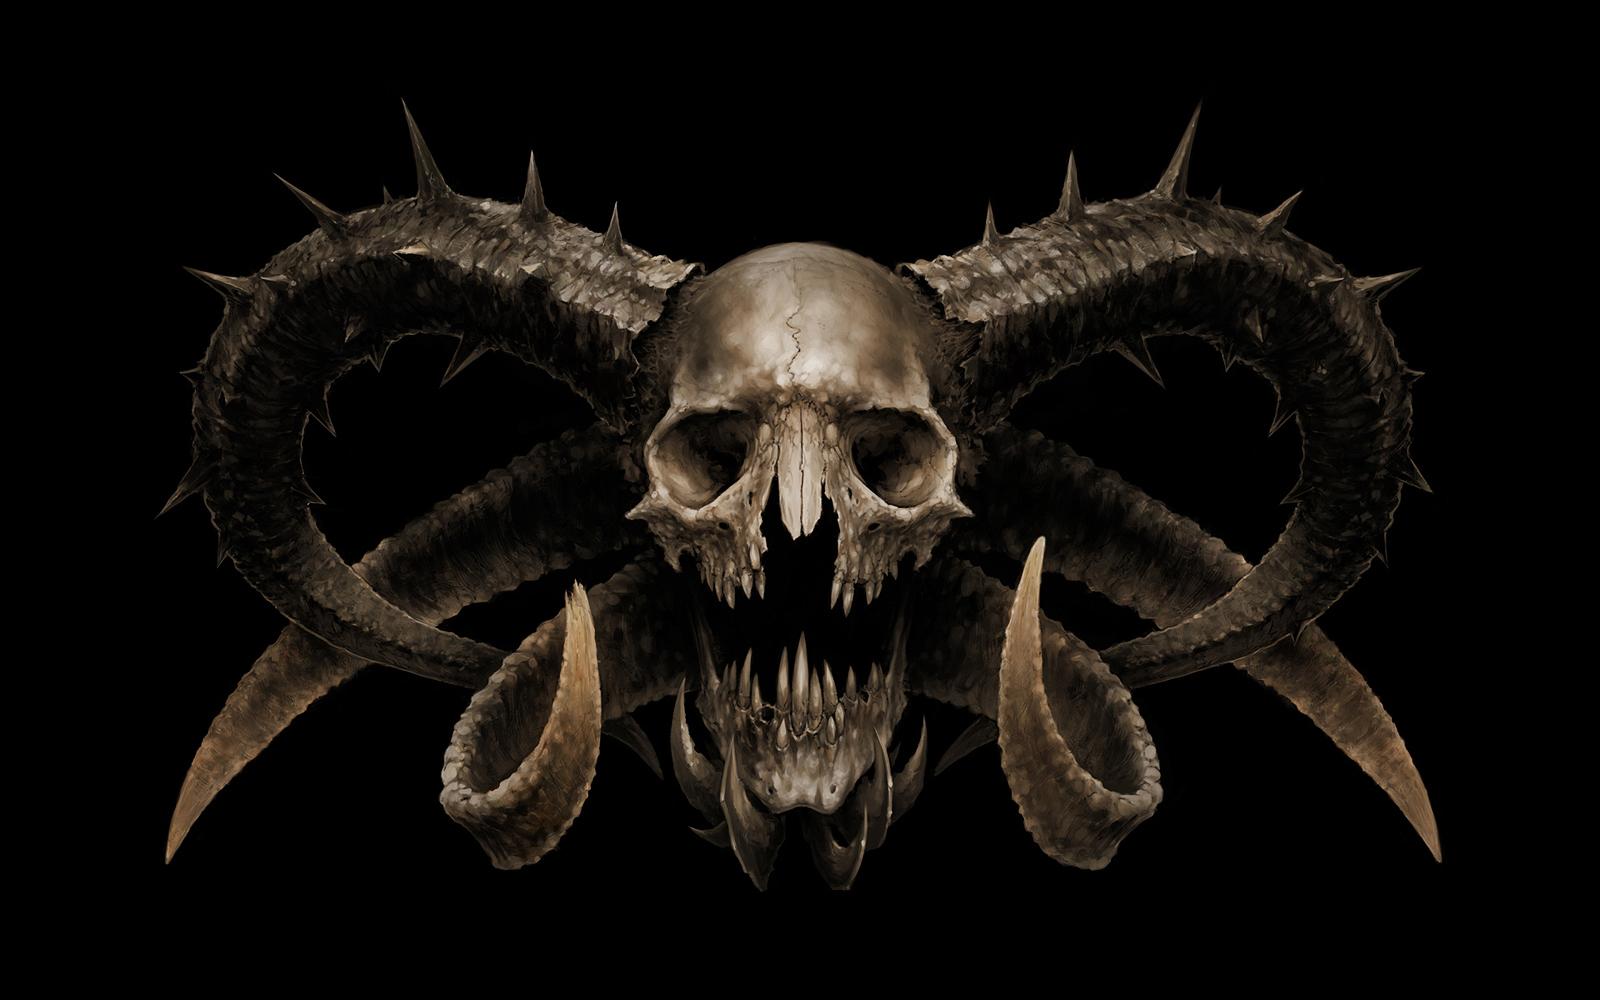 http://2.bp.blogspot.com/_XepmO6oXBjE/TDDa58w8Q1I/AAAAAAAAAP4/UwSdCvdGMj0/s1600/satan_wallpaper_small.jpg